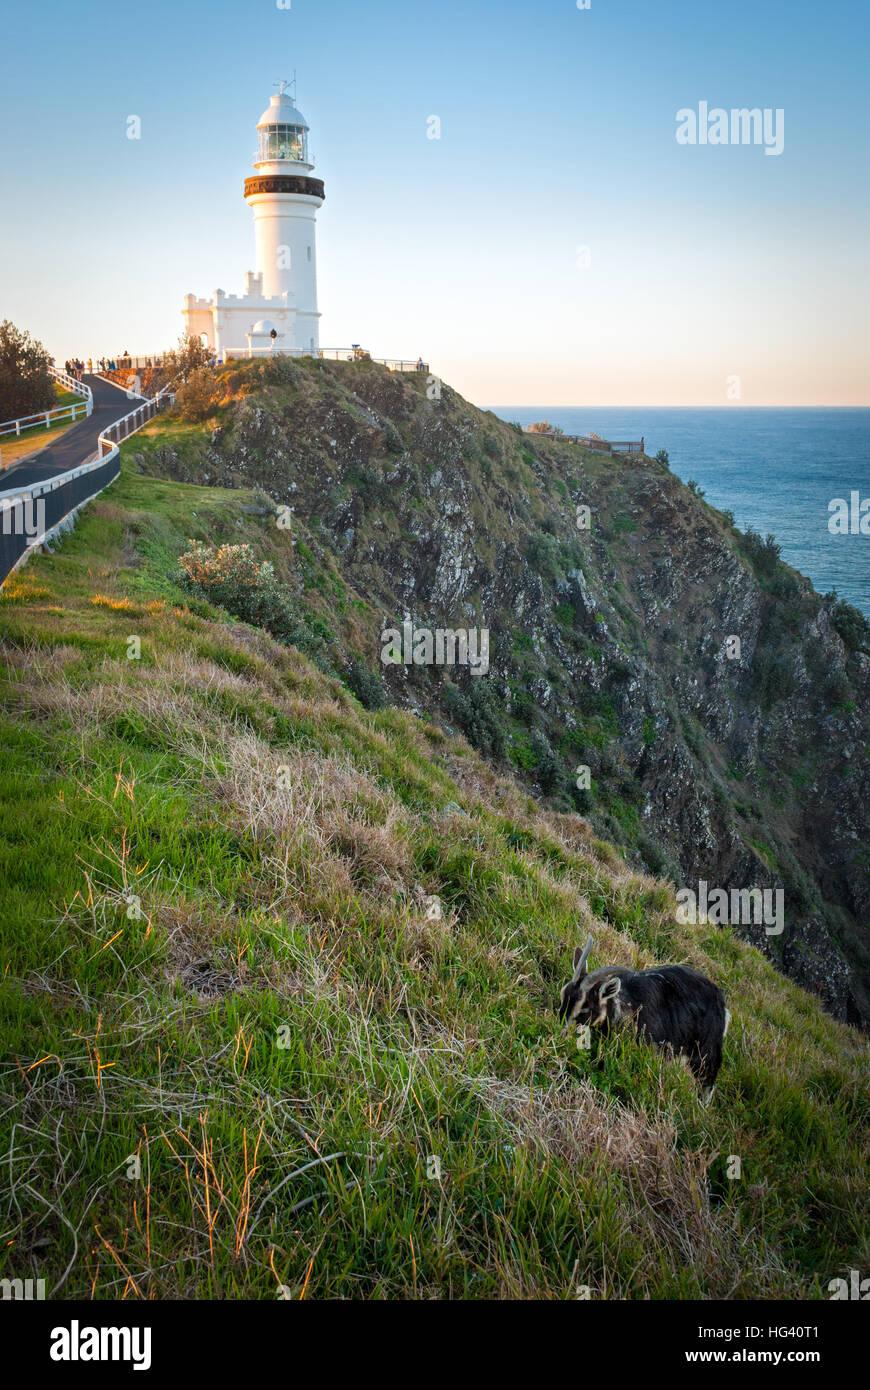 Byron Bay lighthouse, Australia - Stock Image